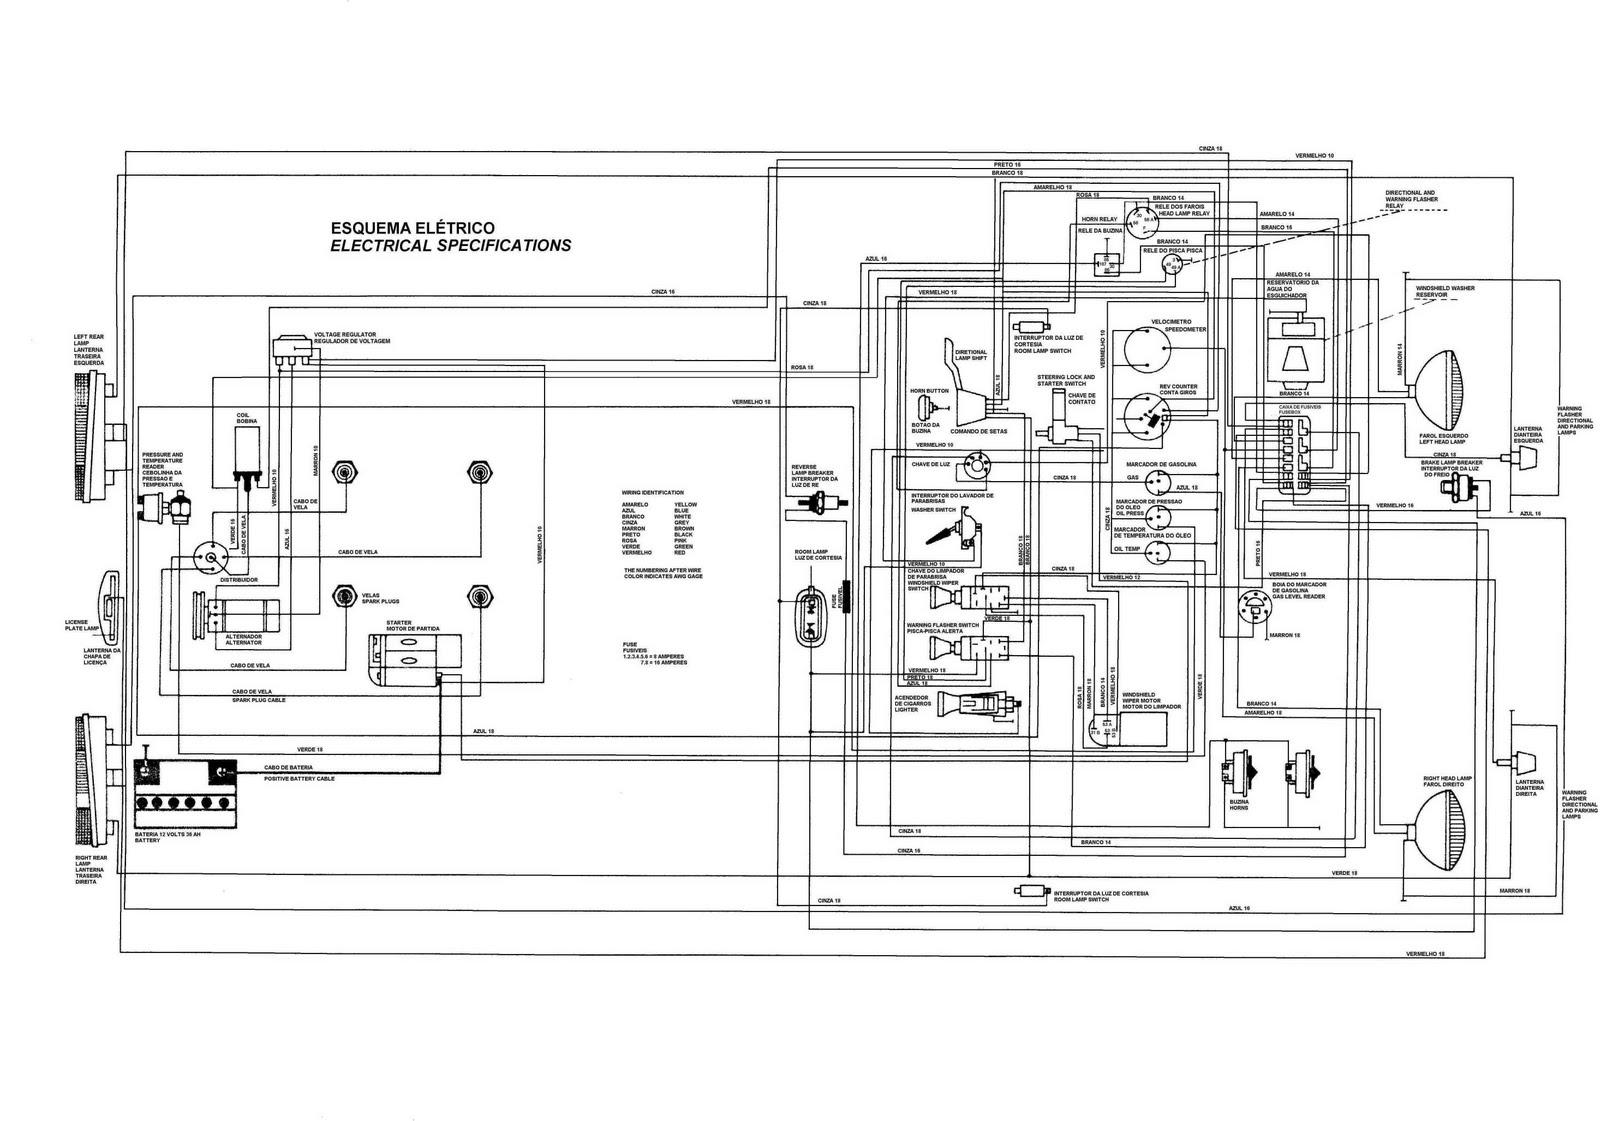 Autos Vw Fusca Fatos Fotos Diagrama Eletrico Do Puma